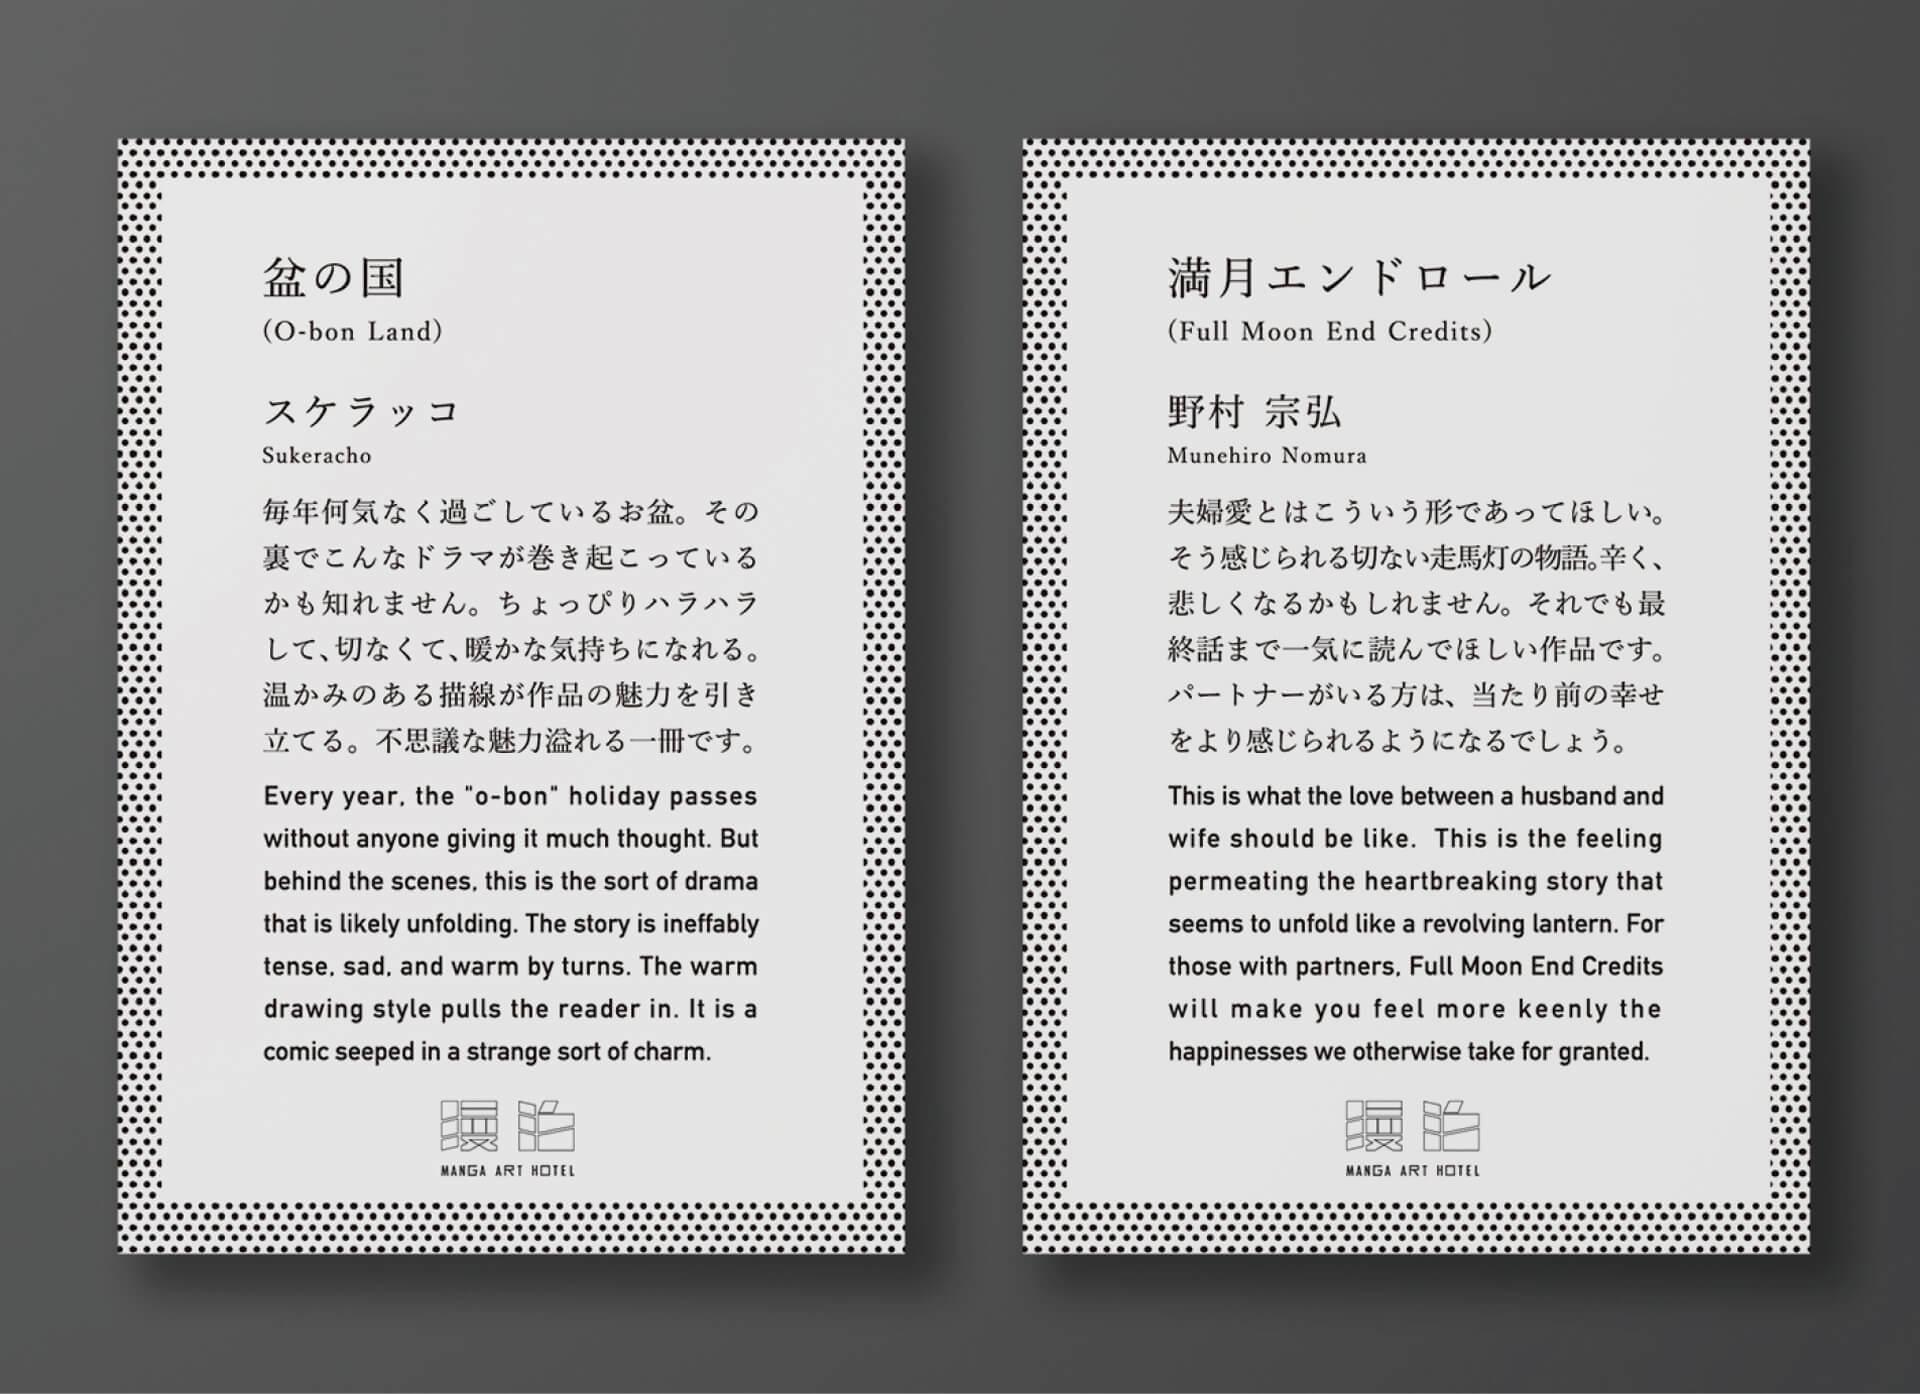 manga-art-hotel-tokyo2-2